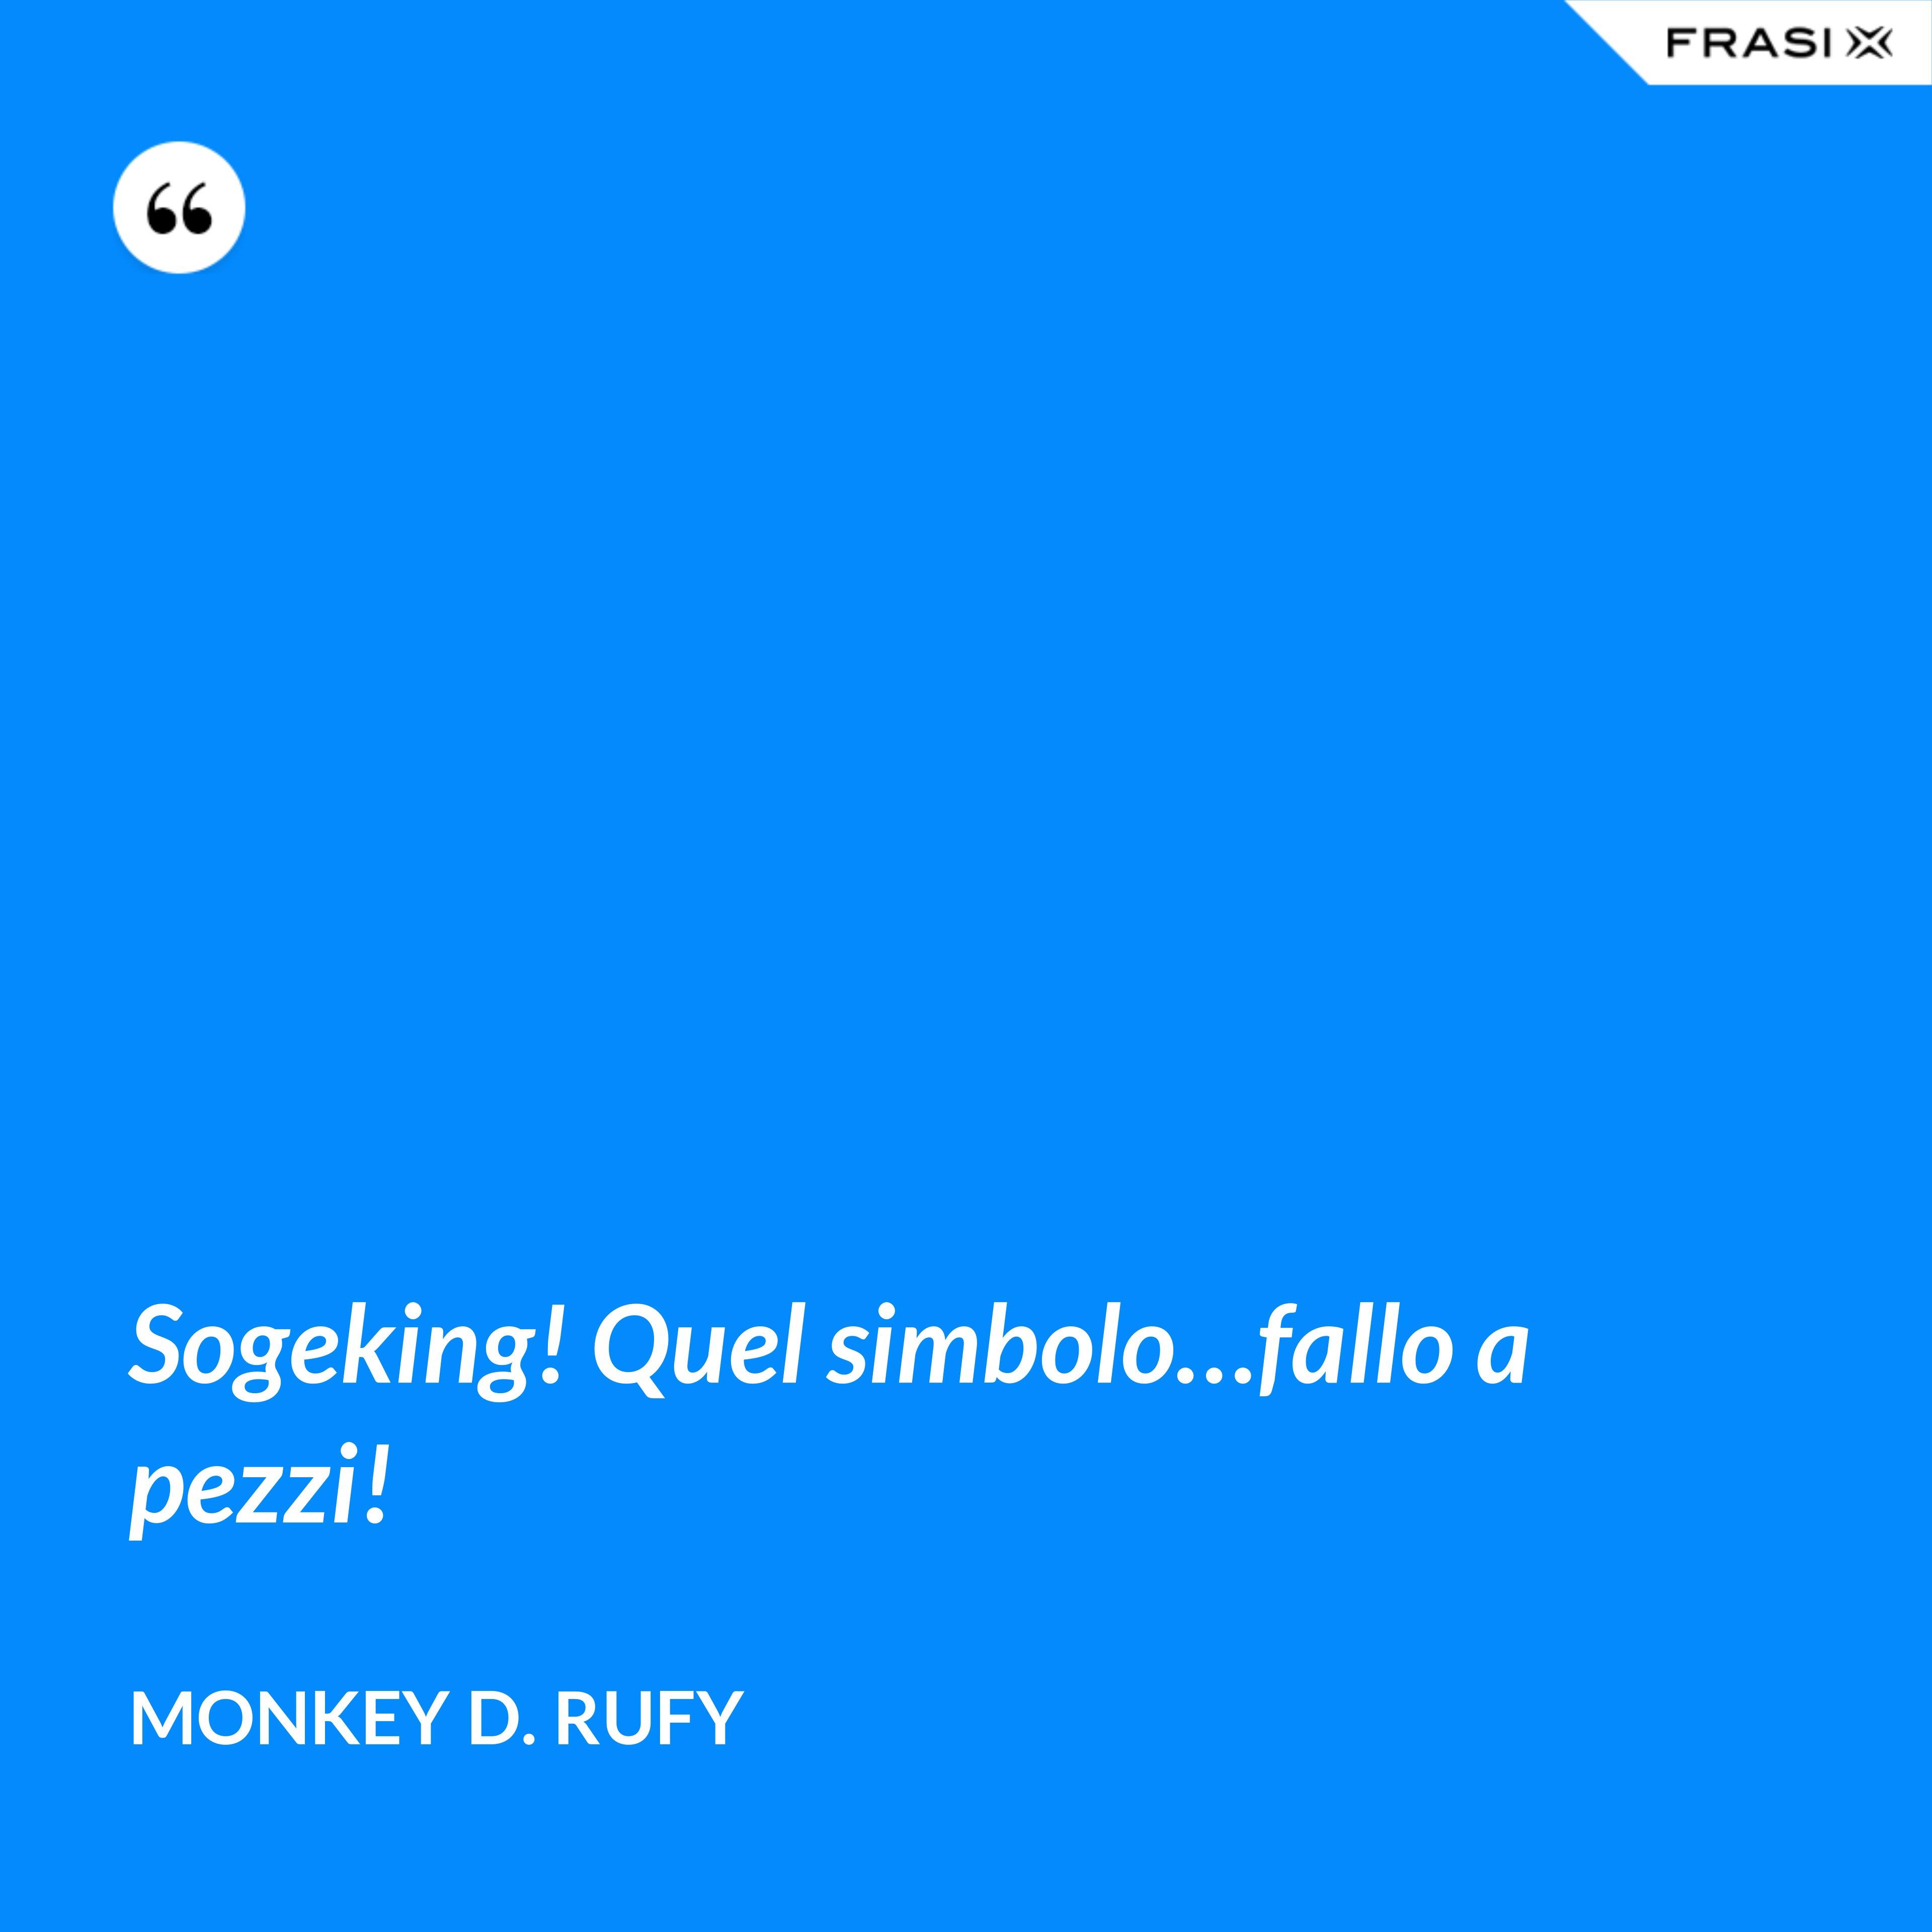 Sogeking! Quel simbolo…fallo a pezzi! - Monkey D. Rufy